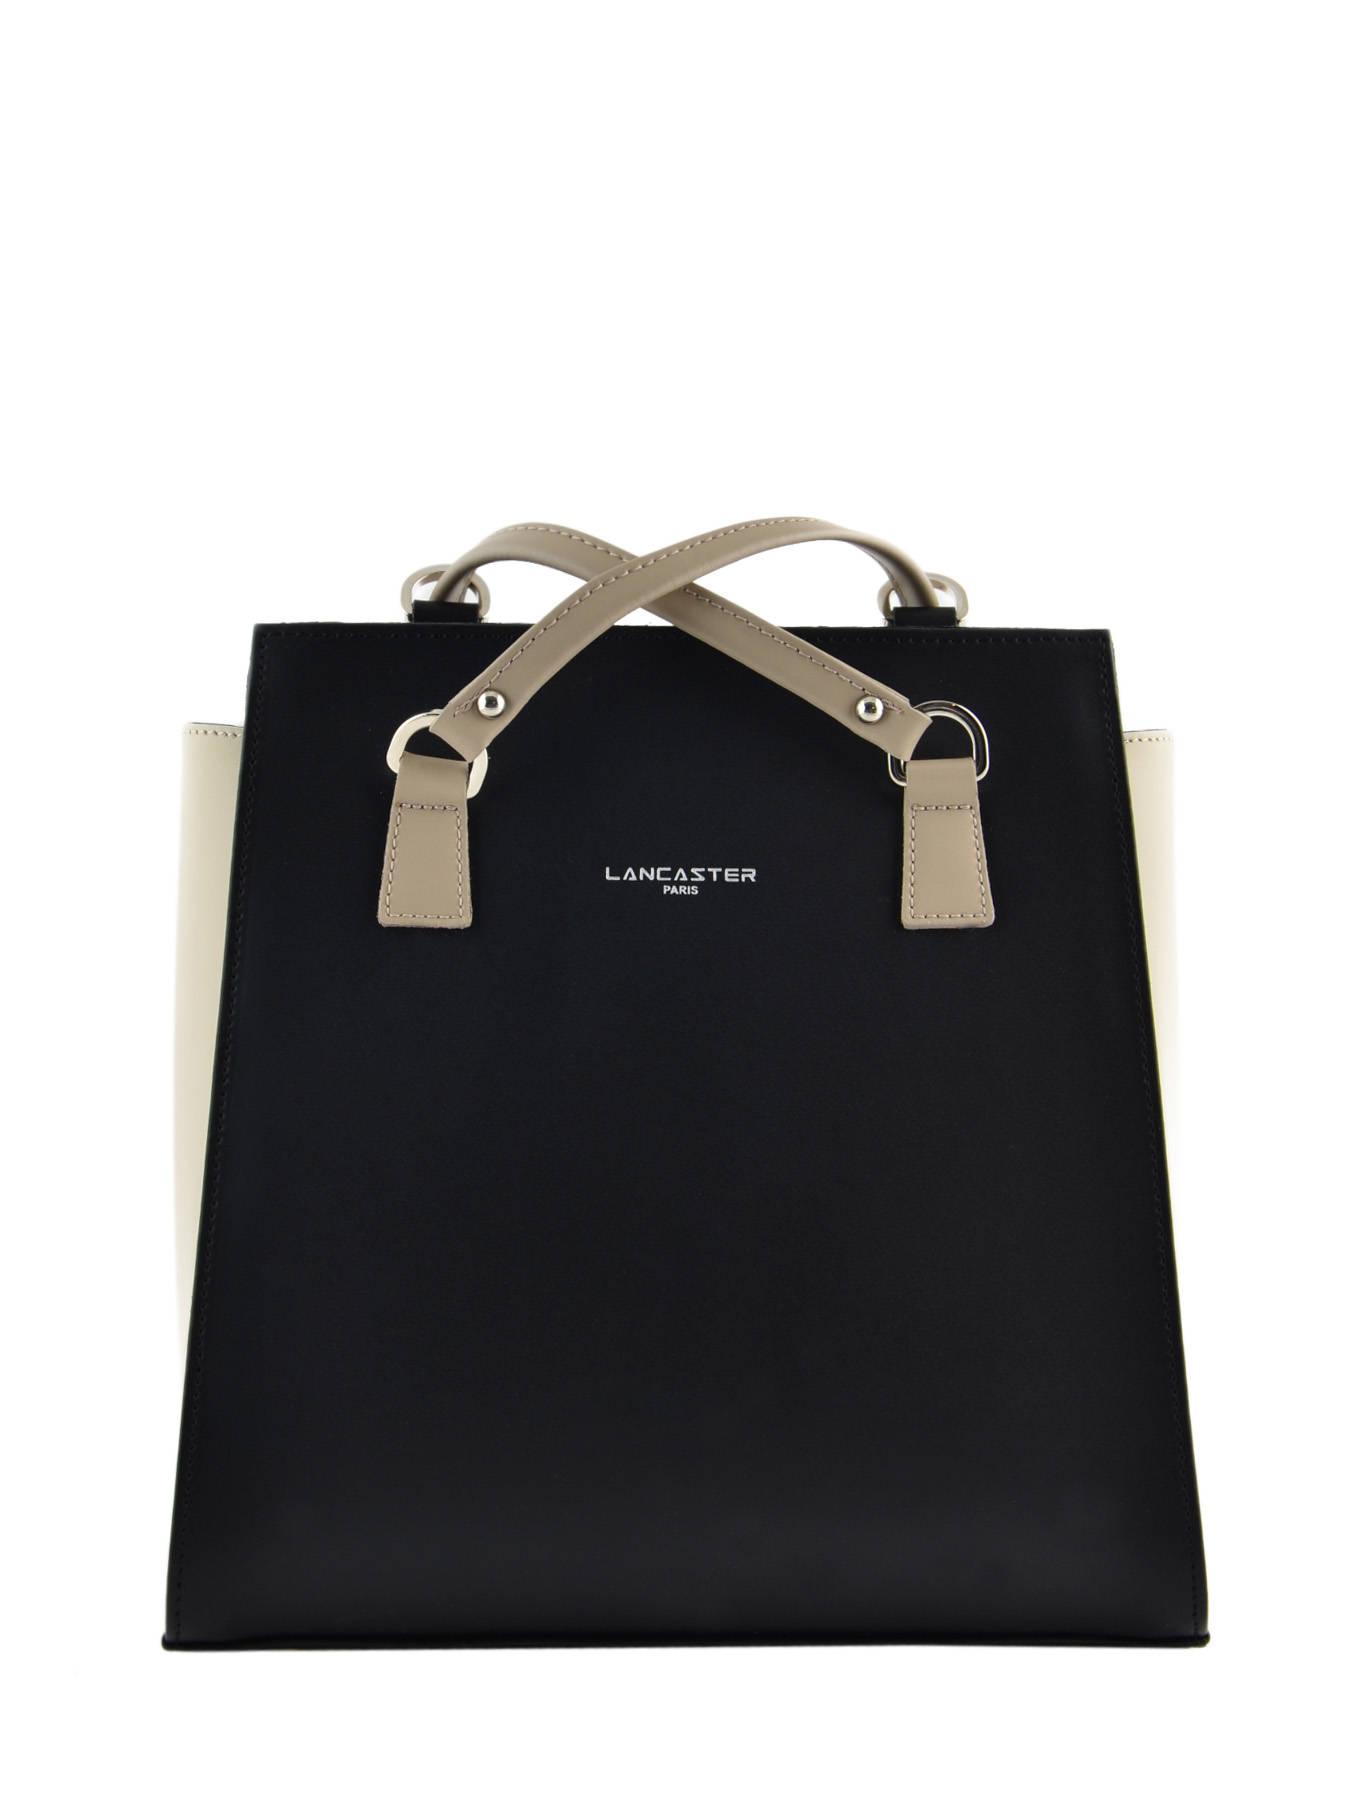 sac dos lancaster constance constance en vente au meilleur. Black Bedroom Furniture Sets. Home Design Ideas